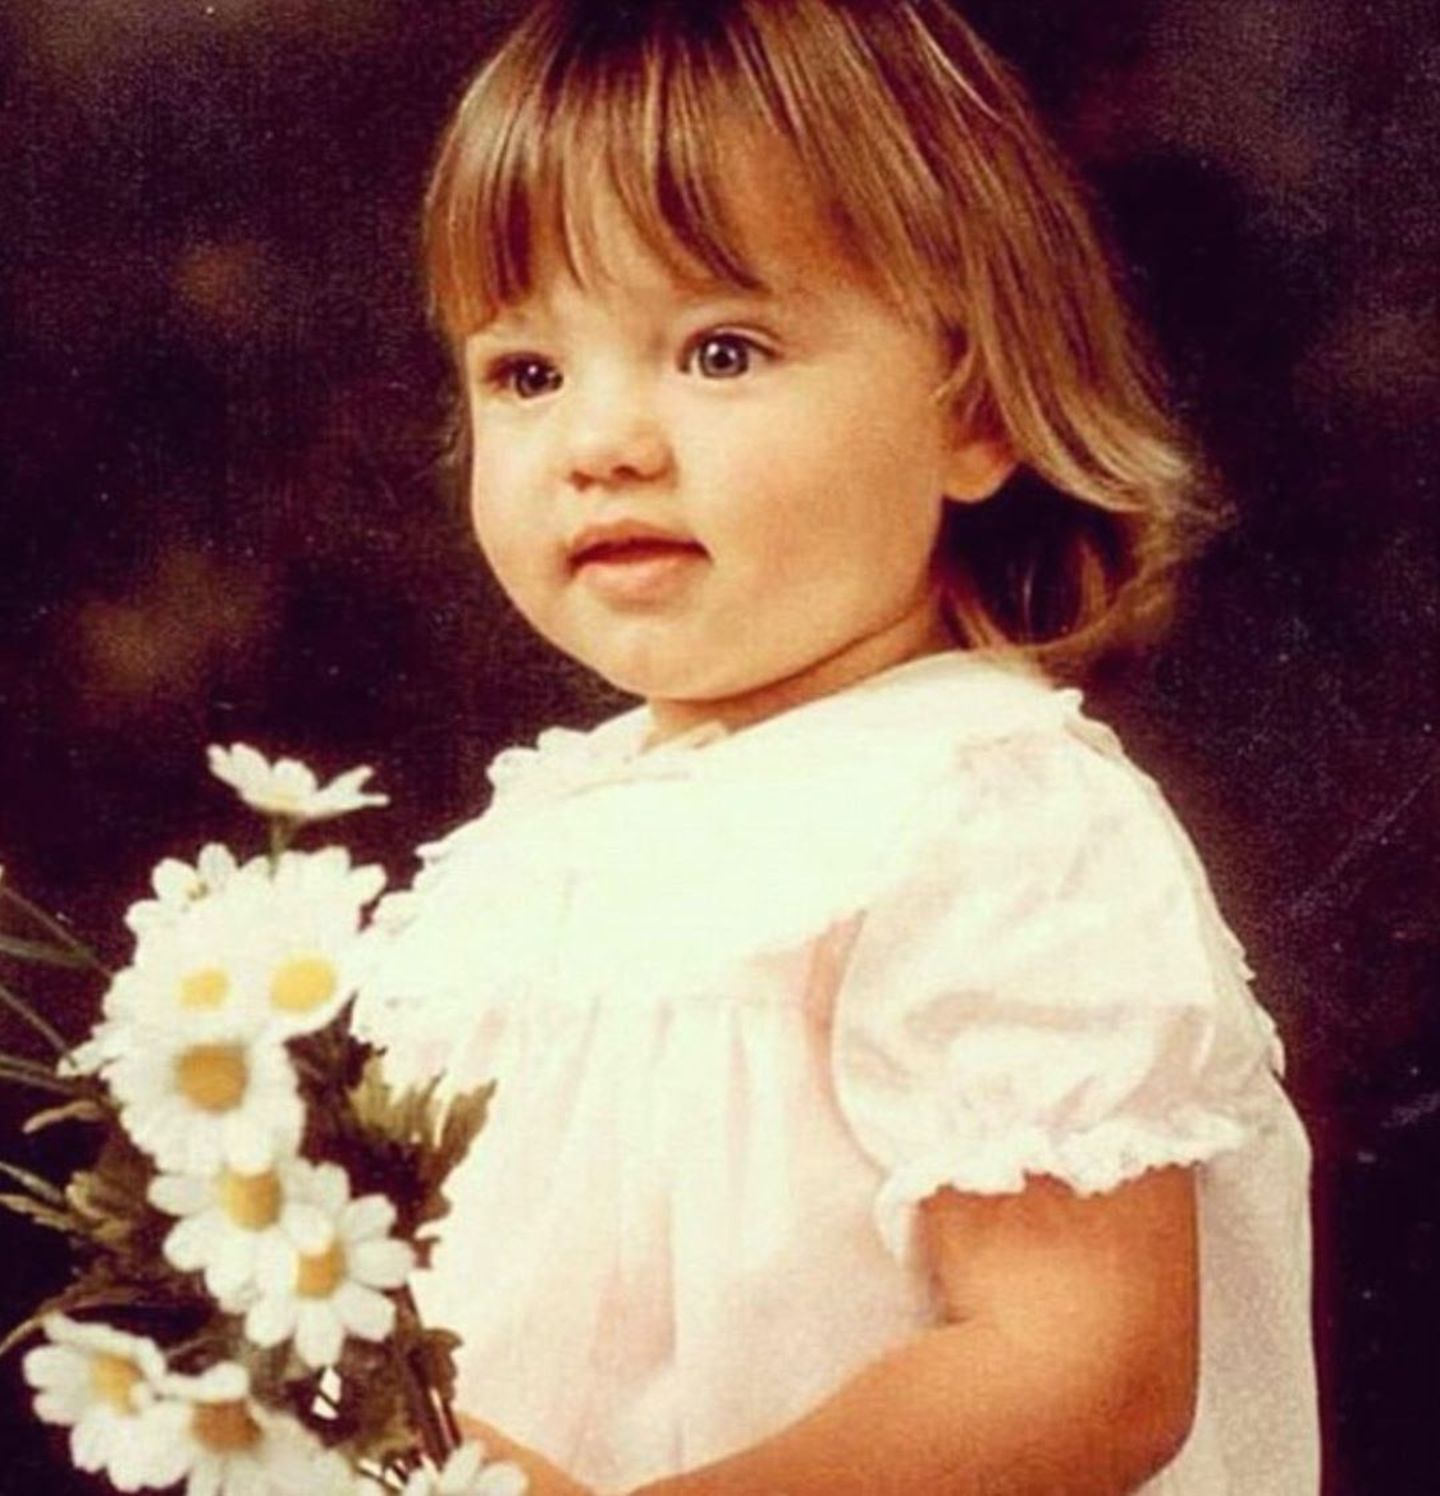 Miranda Kerr  Wie niedlich! Miranda Kerr teilt auf Instagram ein Fotoaus ihrer Kindheit, auf dem das Model mit süßen Pausbäckchen, einem kessen Pony und großem Blumenstrauß in die Kamera lächelt.